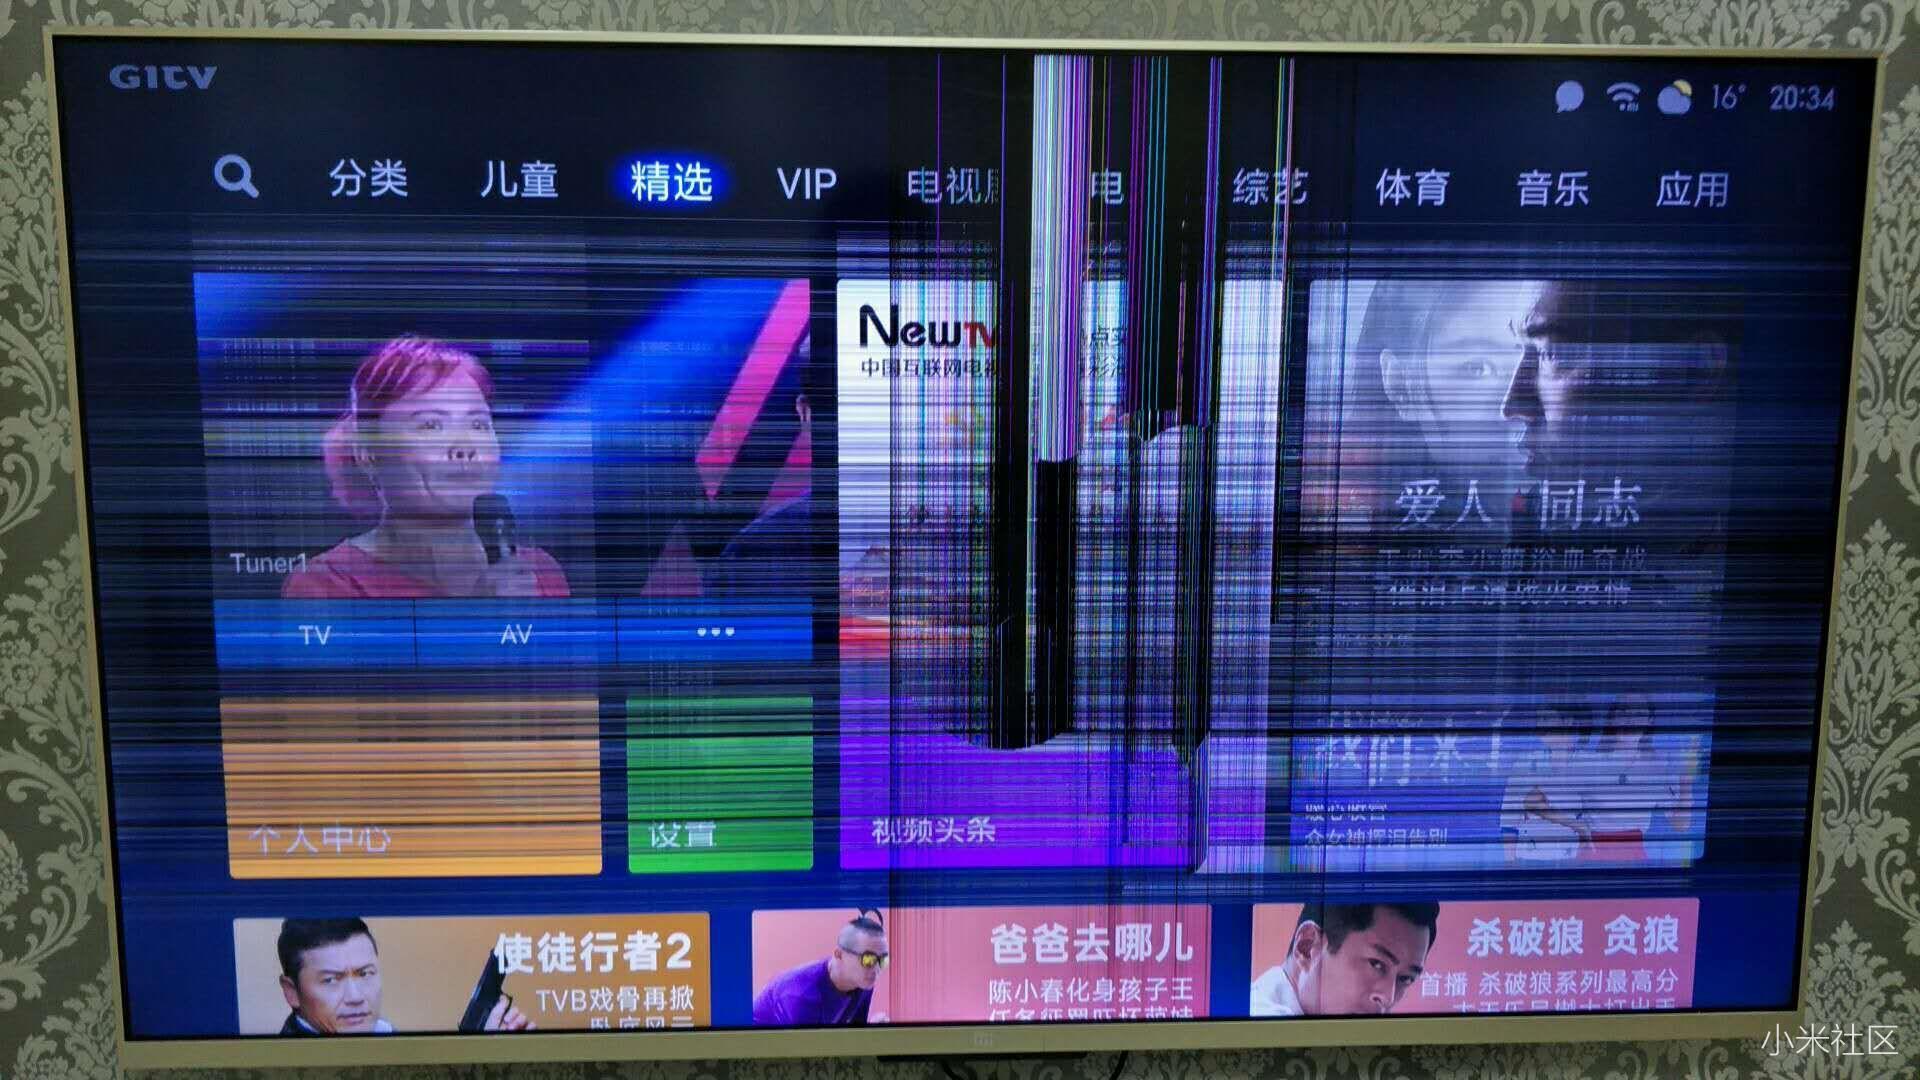 小米电视2屏幕花了 55寸 2015年6月购入